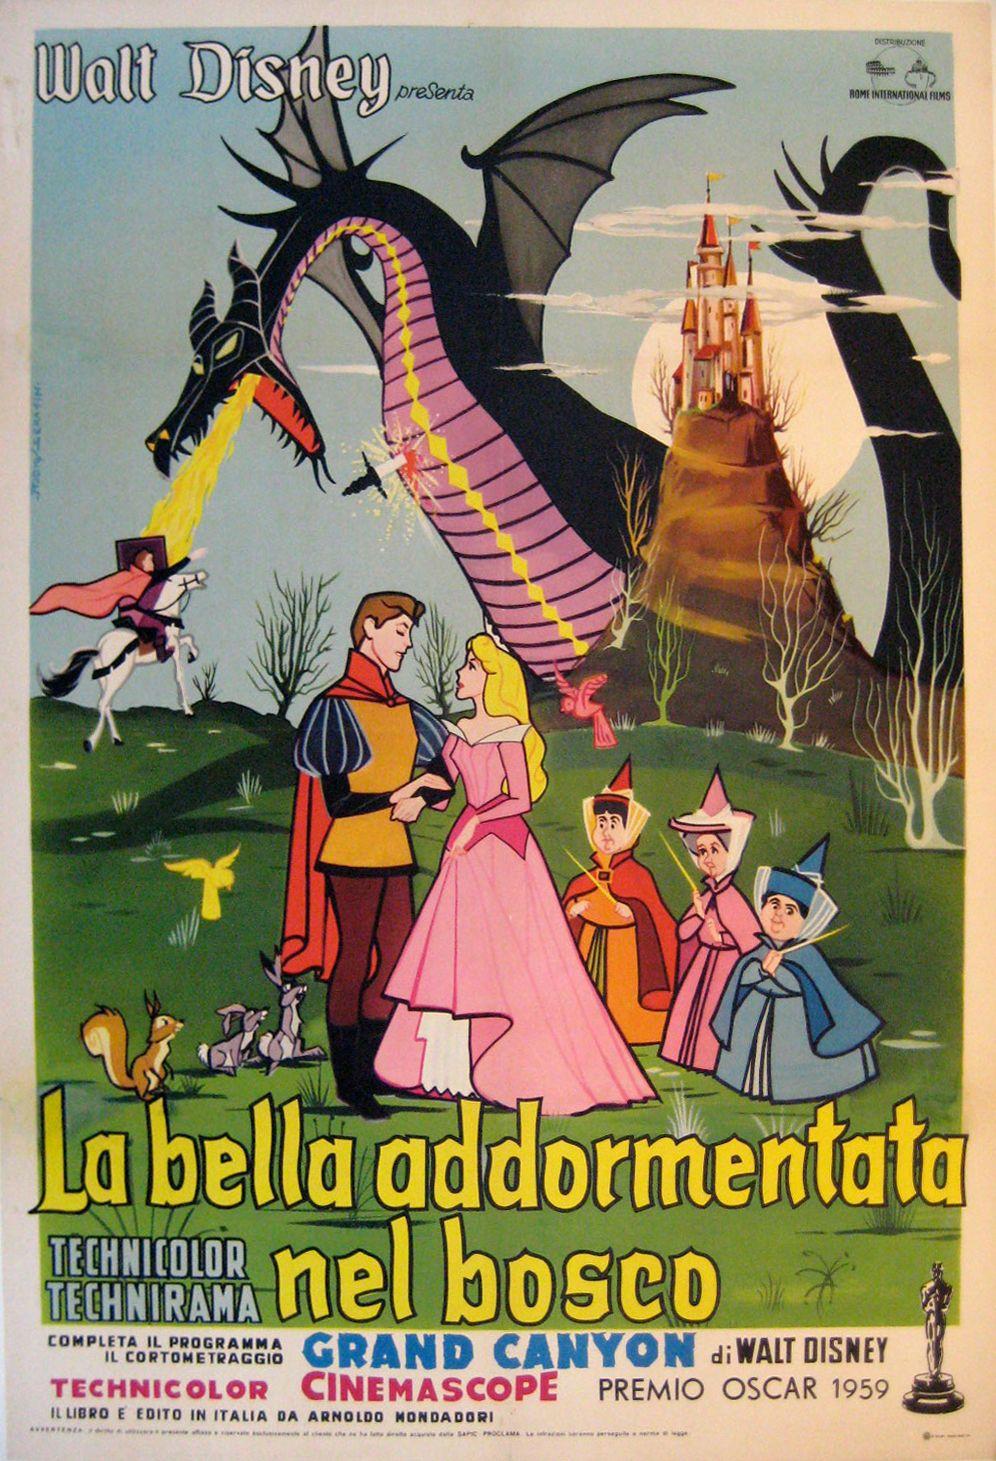 La Bella Addormentata Prima Edizione Italiana Distr Rome Int Film 1959 2 Fogli 100x140 Cm La Bella Addormentata Walt Disney Film Stranieri